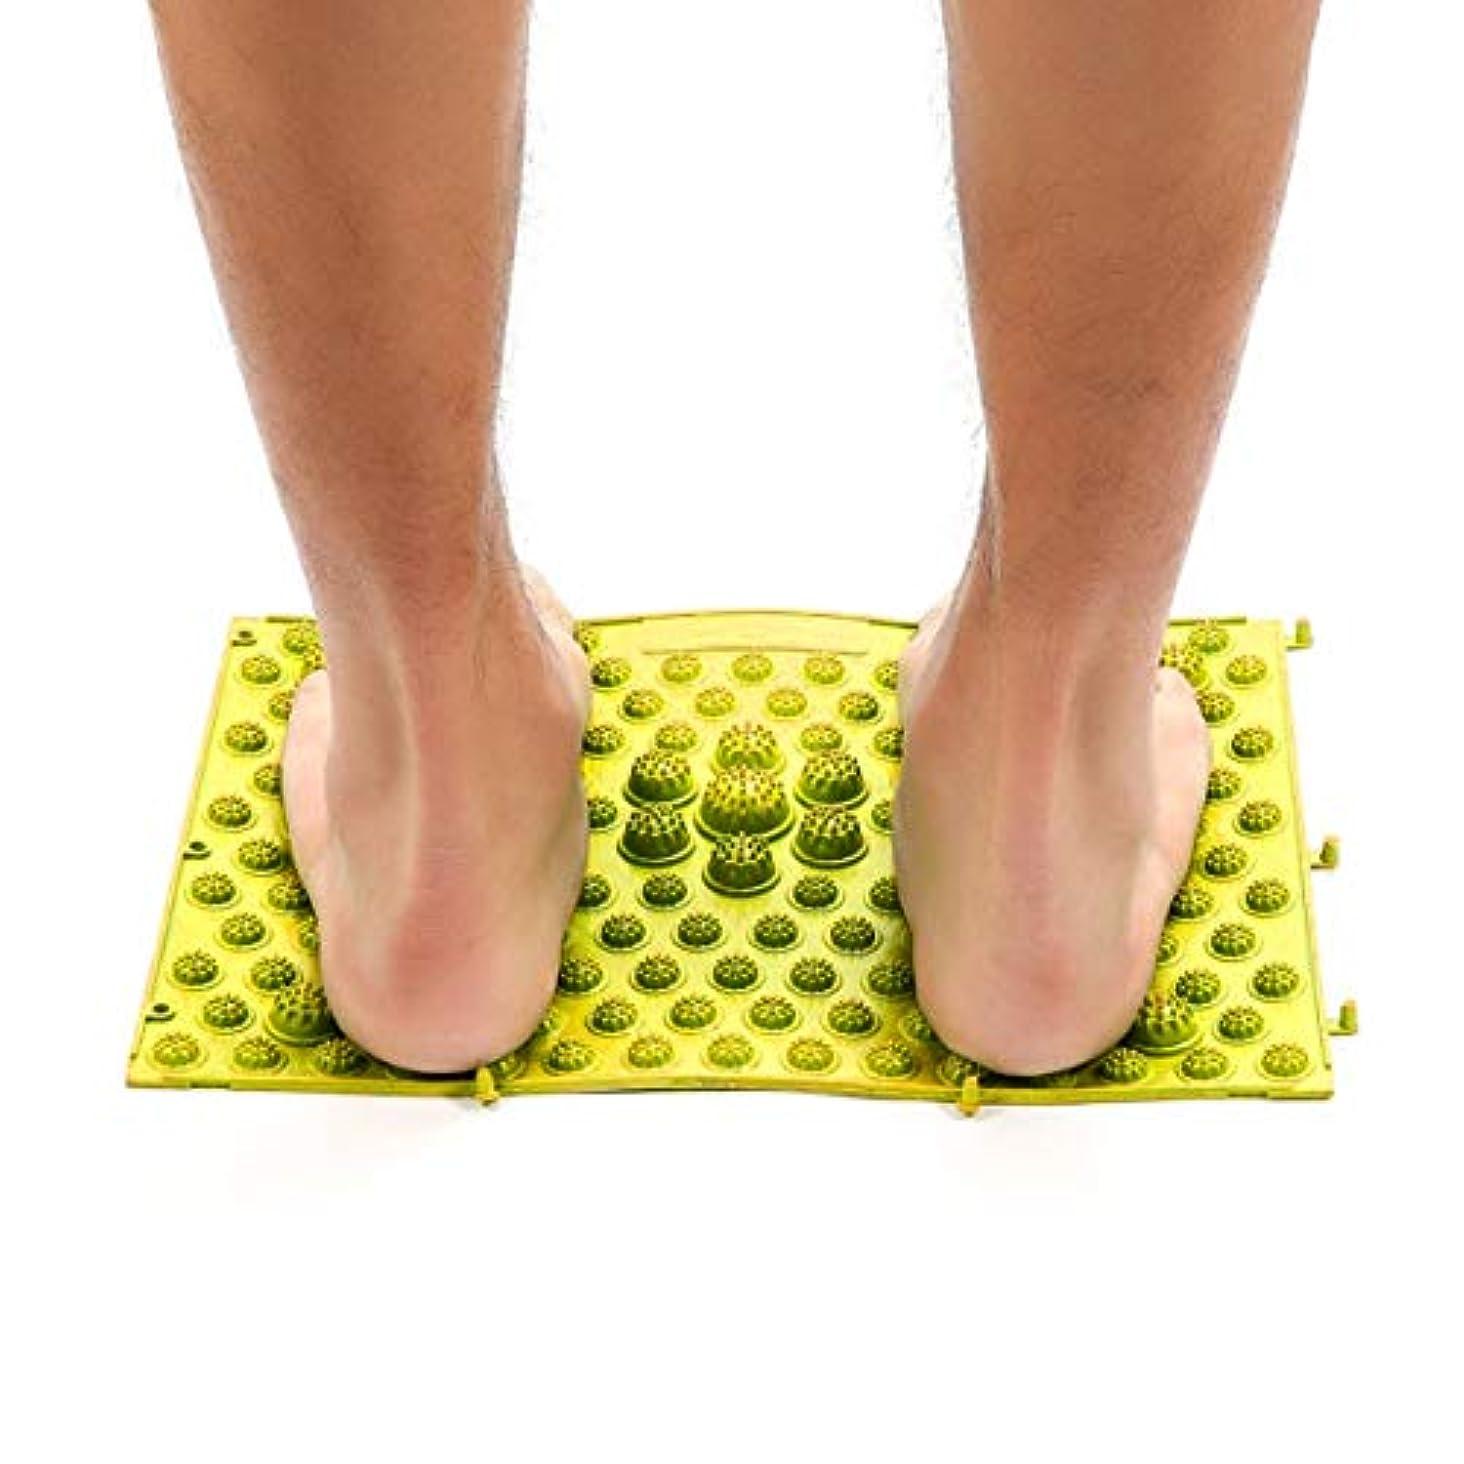 先祖超高層ビルイブニングAcupressure Foot Mats Running Man Game Same Type Foot Reflexology Walking Massage Mat for Pain Relief Stress Relief...